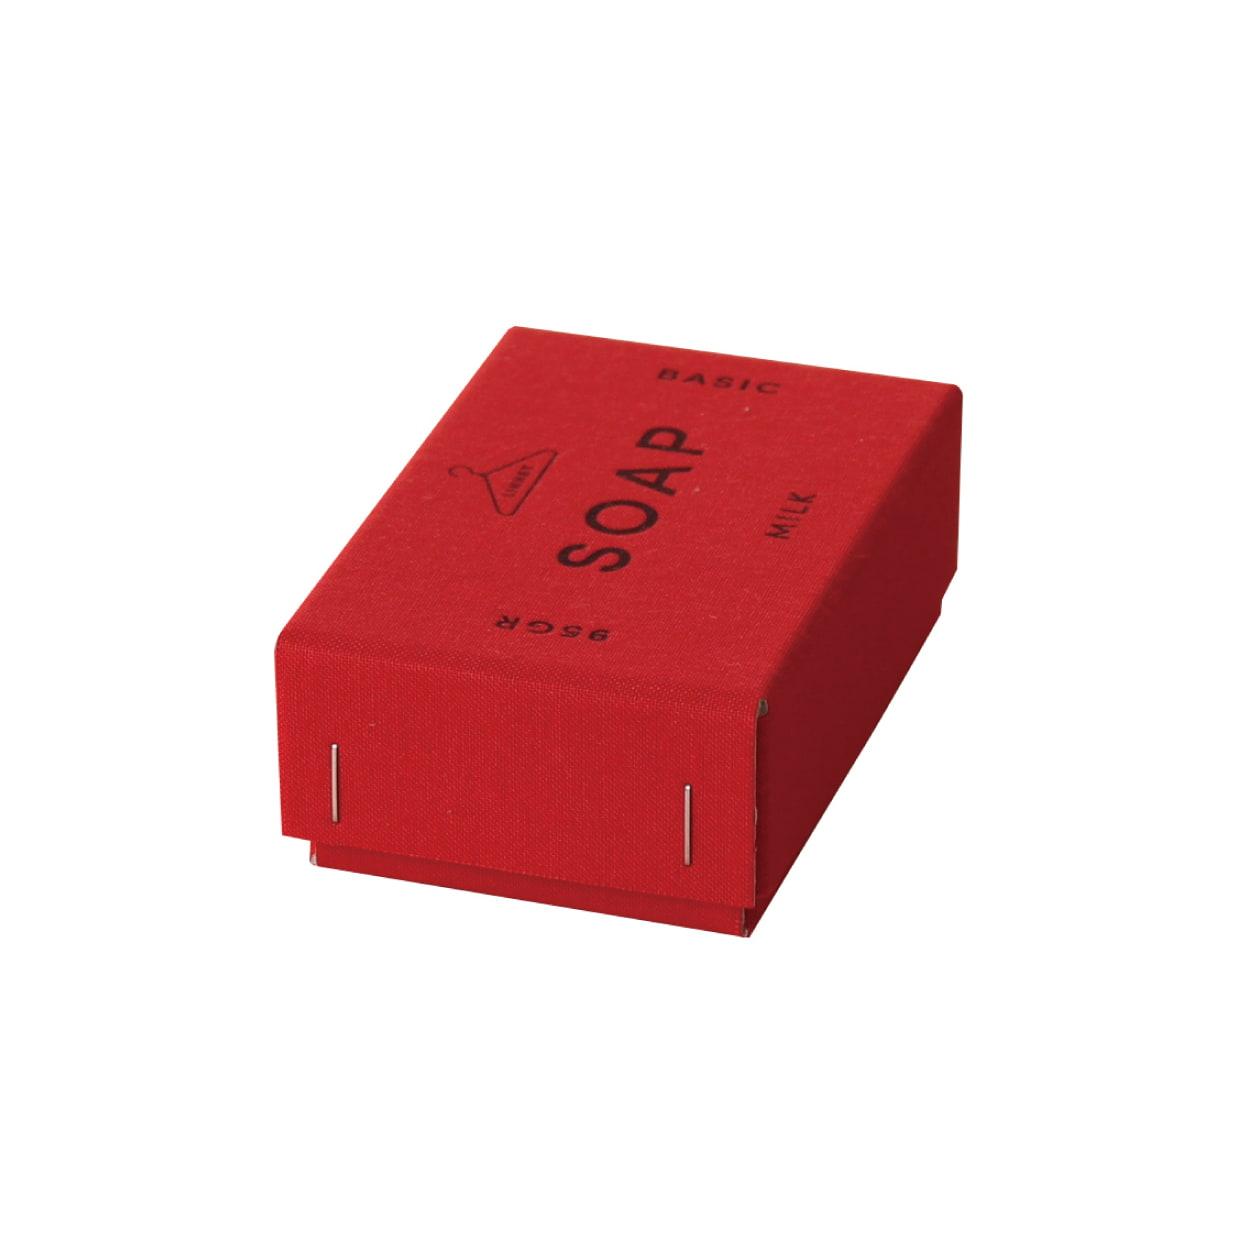 サンプル 箱(ホッチキス箱) 00010